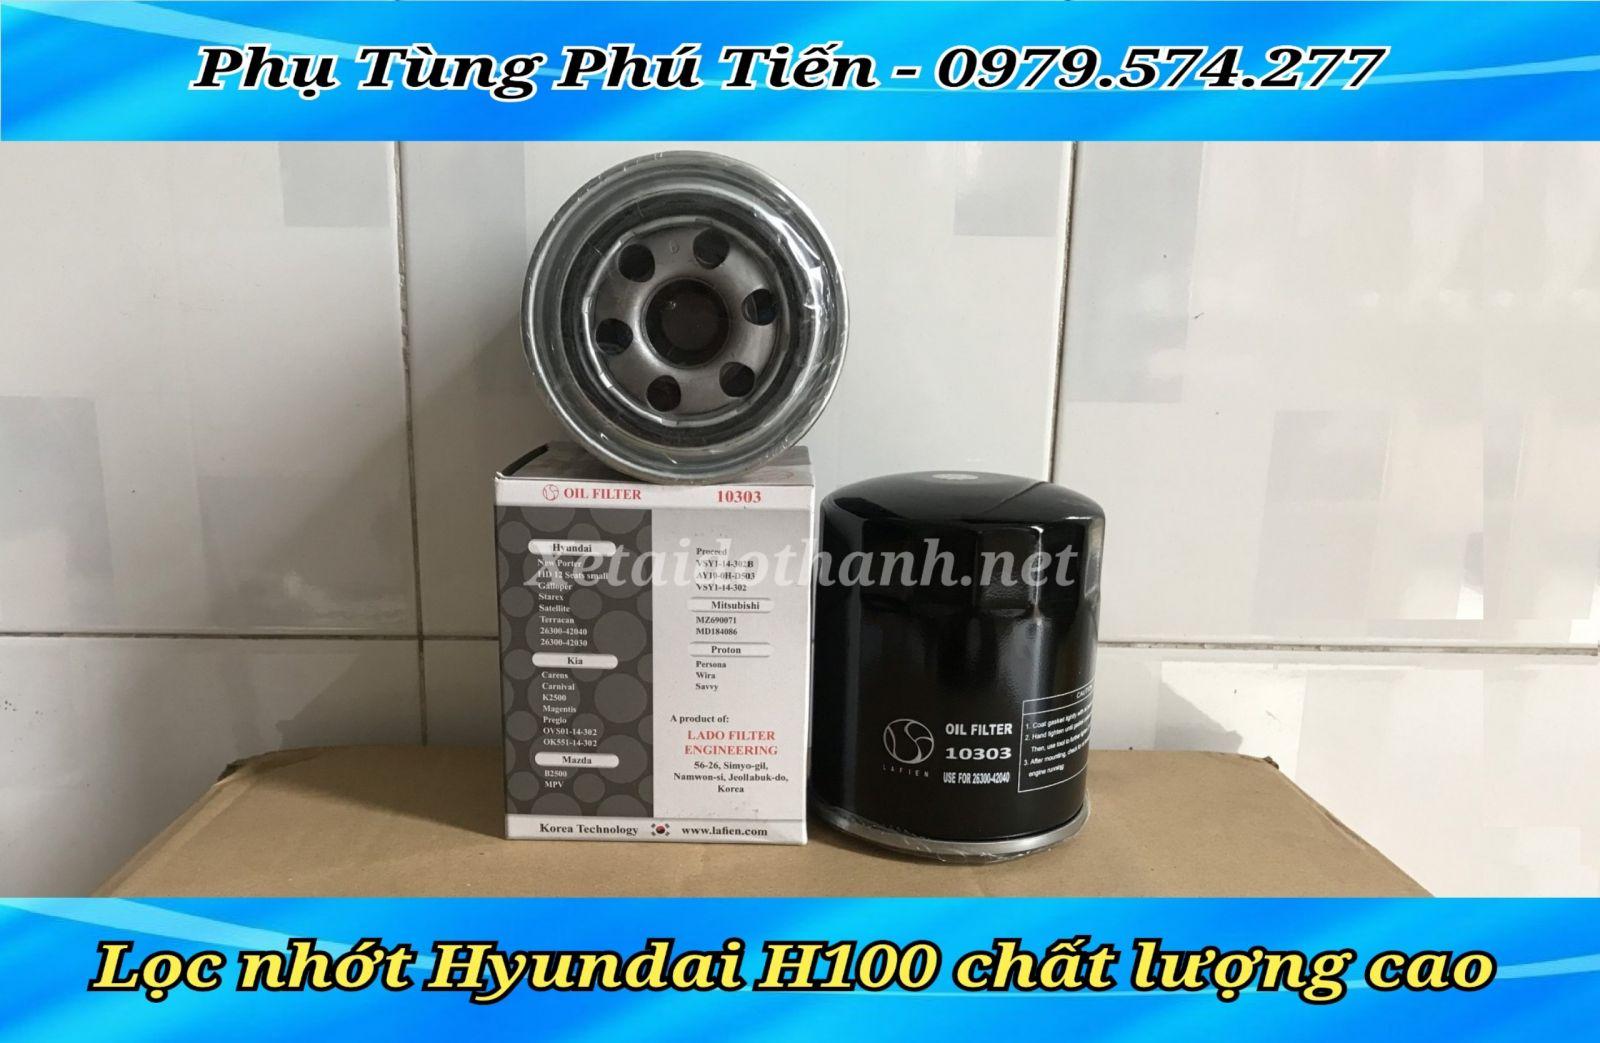 Lọc nhớt Hyundai H100 - giá tốt nhất thị trường